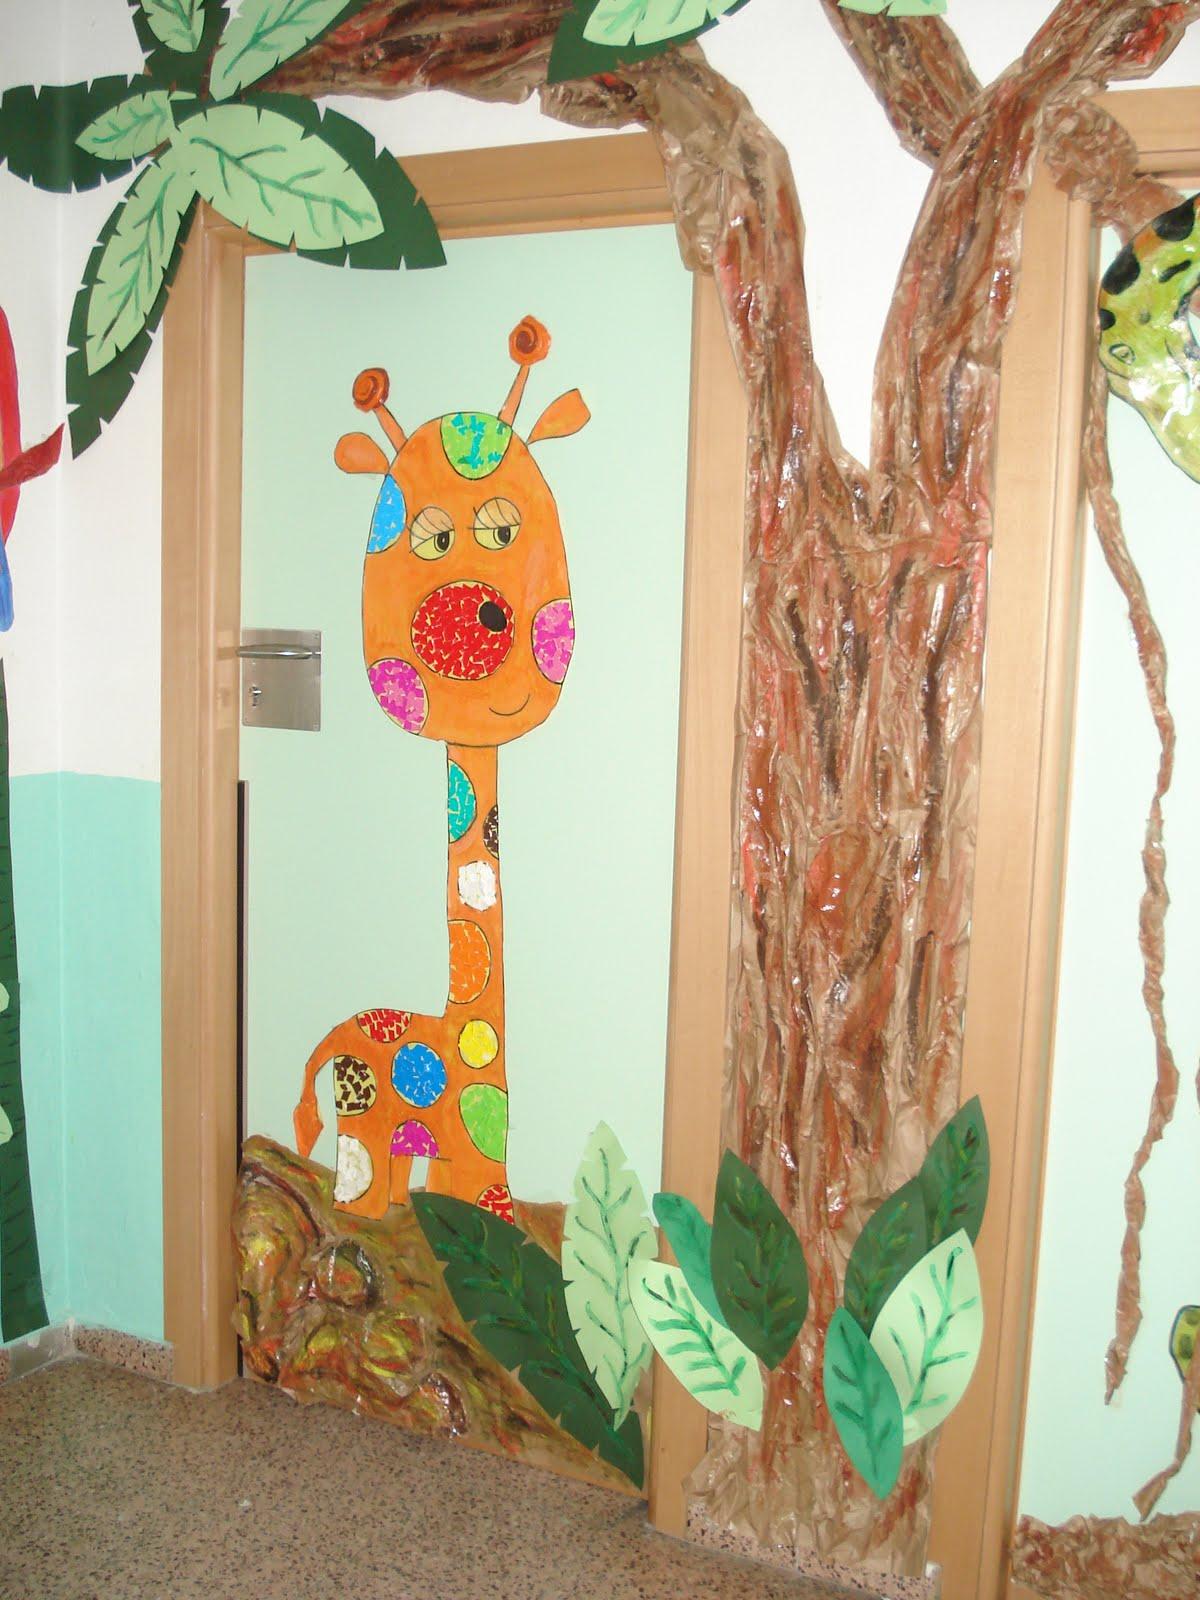 Recursos de educaci n infantil febrero 2011 for Decoracion puerta aula infantil